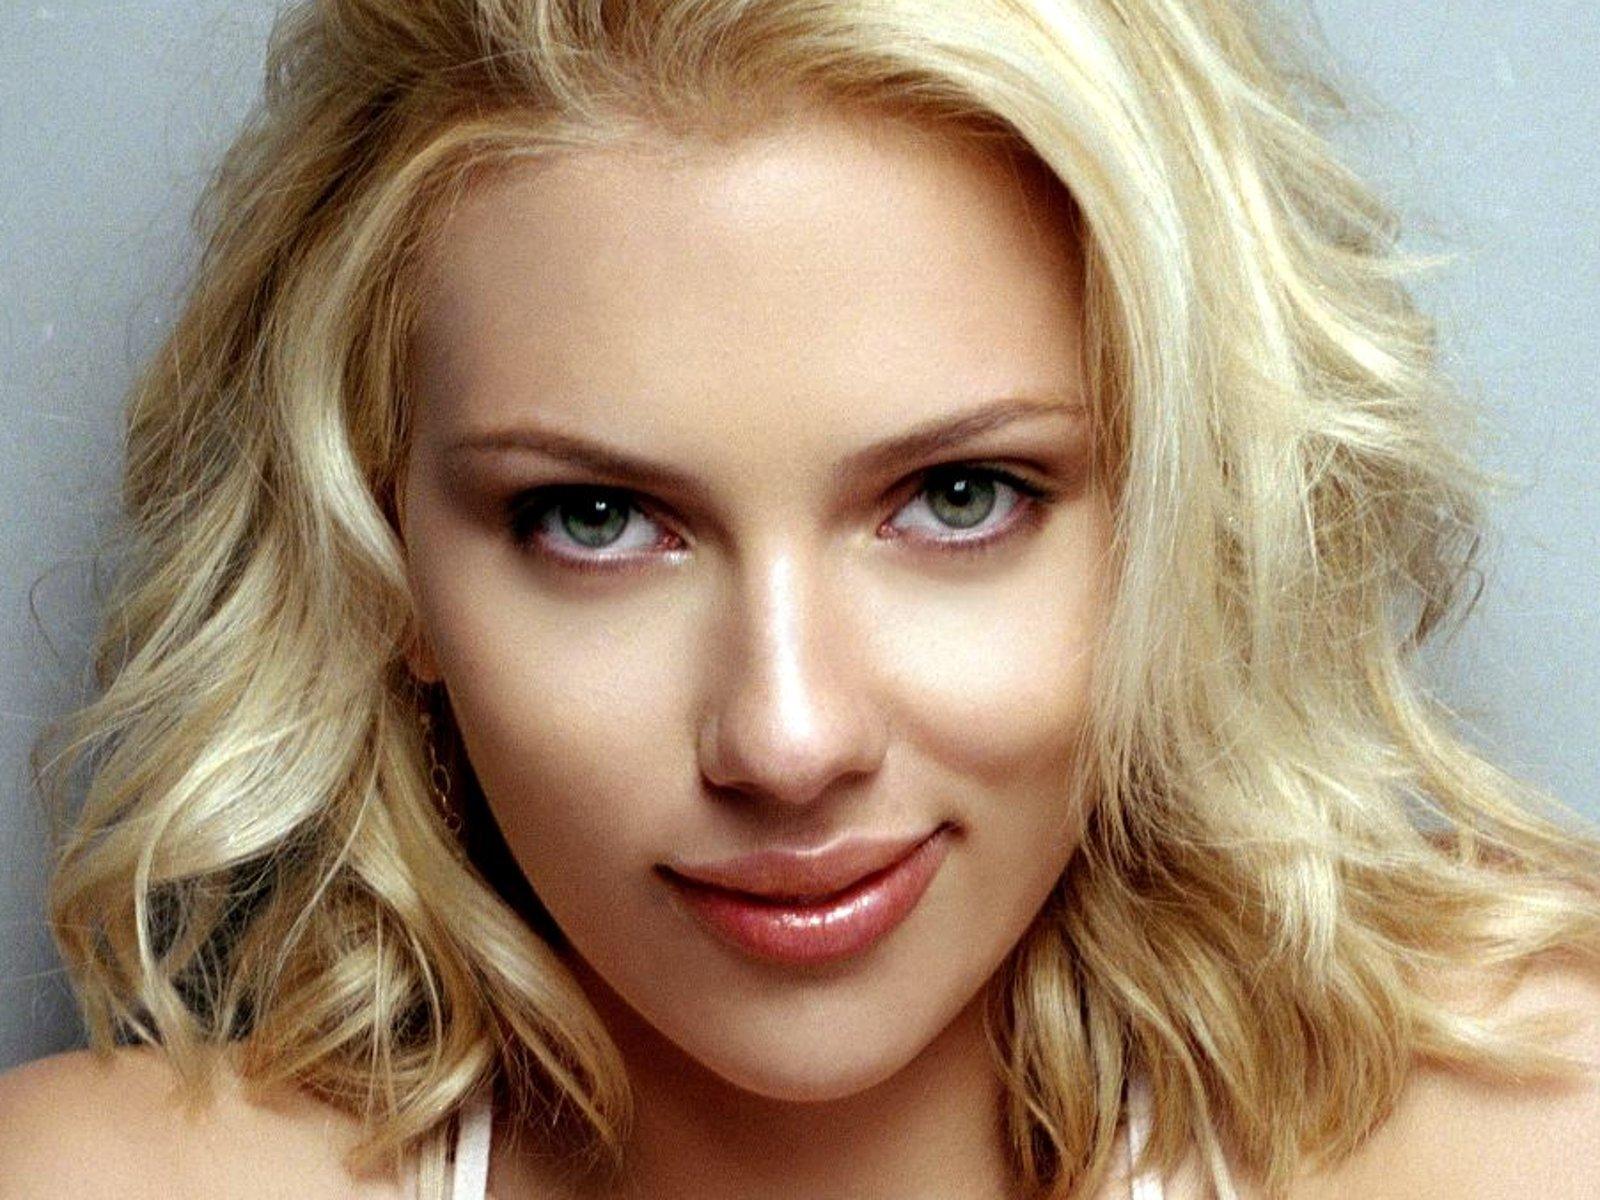 http://3.bp.blogspot.com/-CrNwqpAlVlE/TbVOZ3a0BXI/AAAAAAAAAM4/4gxbsEnmJ7c/s1600/Scarlett%2BJohansson.jpg